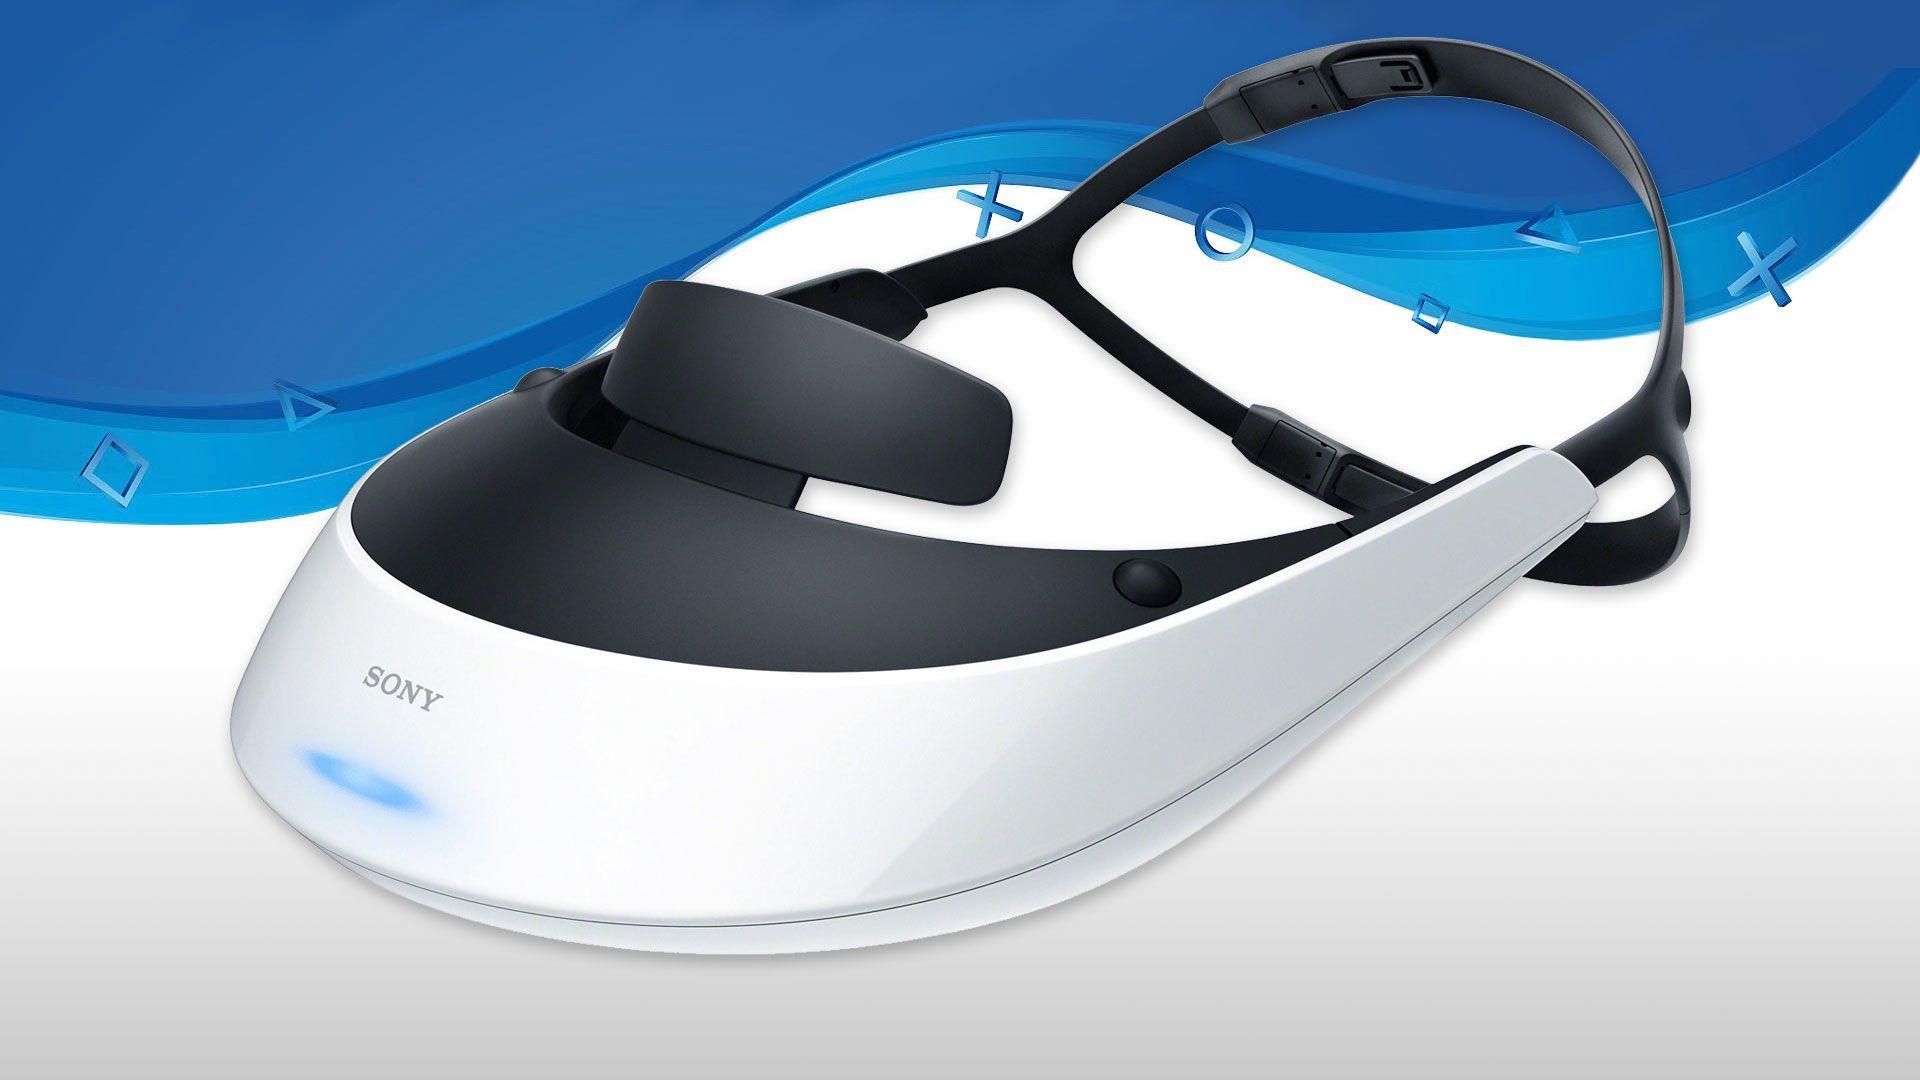 Die Zukunft Von Virtual Reality Auf Der Ps5 Playstation Vr 2 0 Ps4source